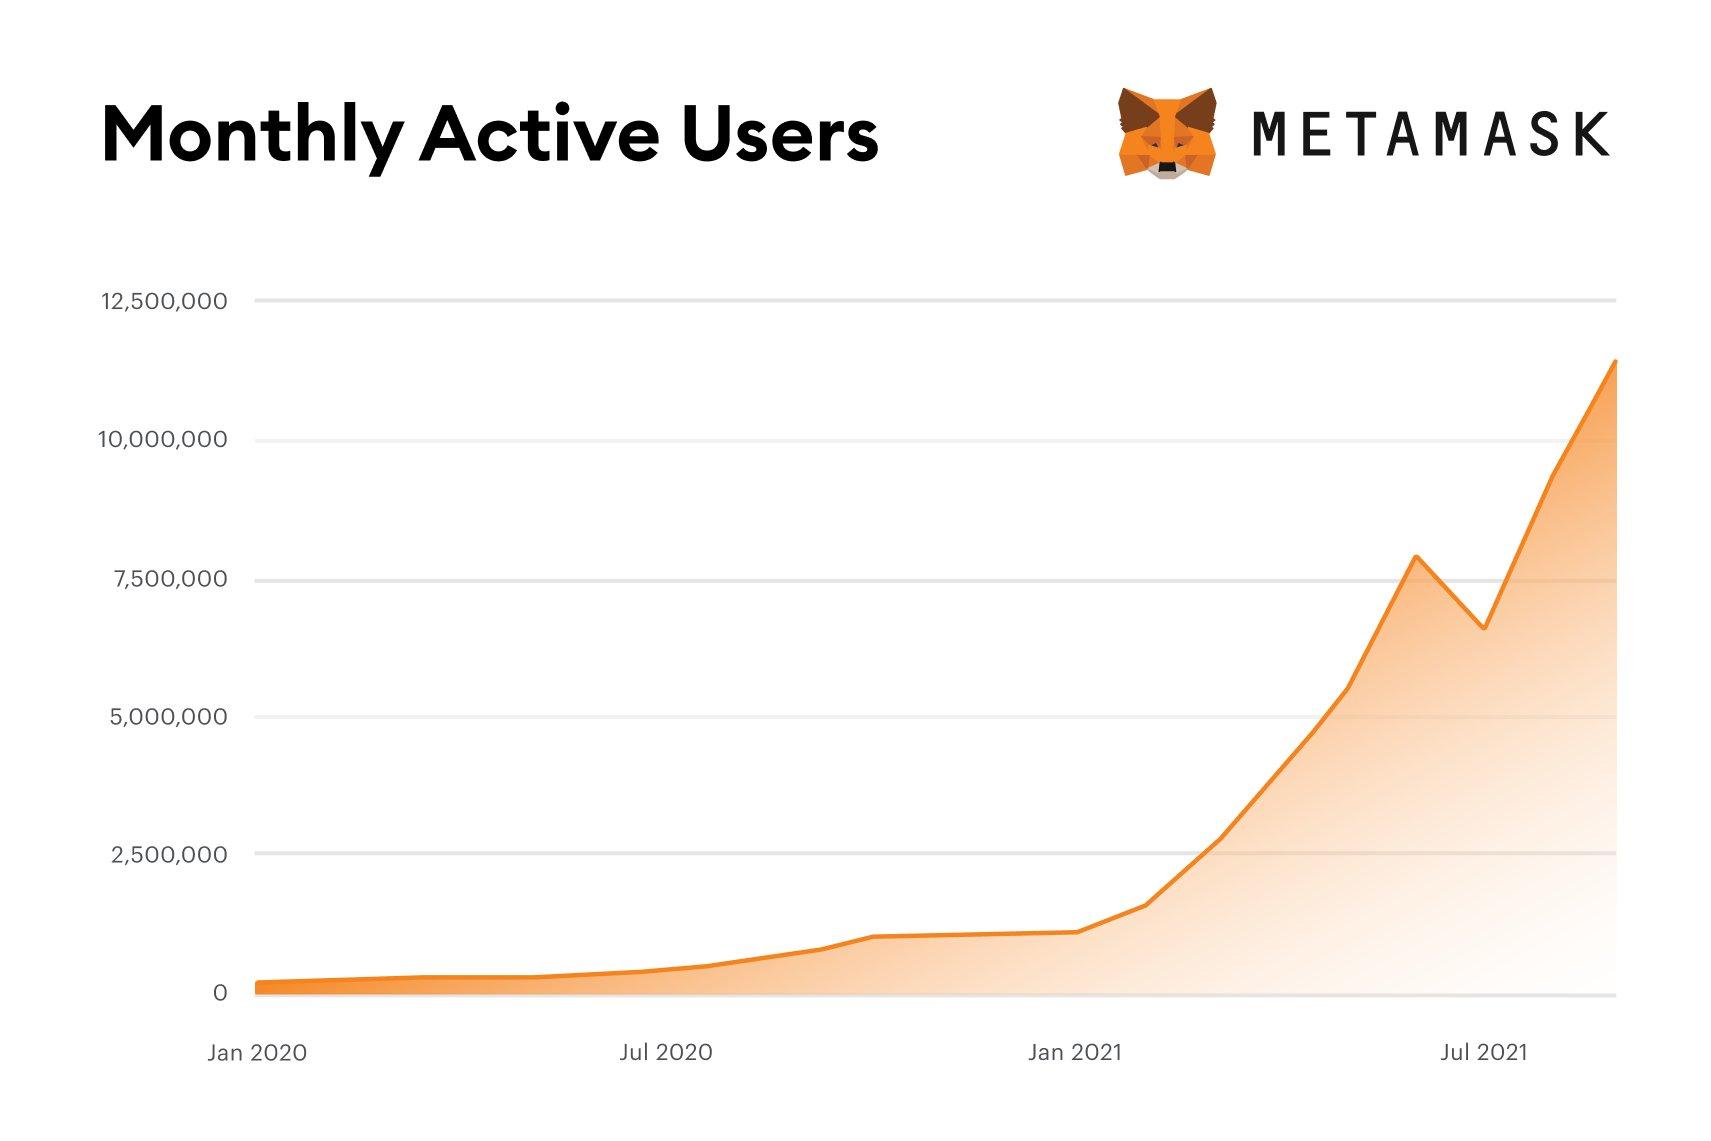 Évolution du nombre d'utilisateurs actifs mensuellement sur MetaMask qui a finalement 10 millions en août 2021